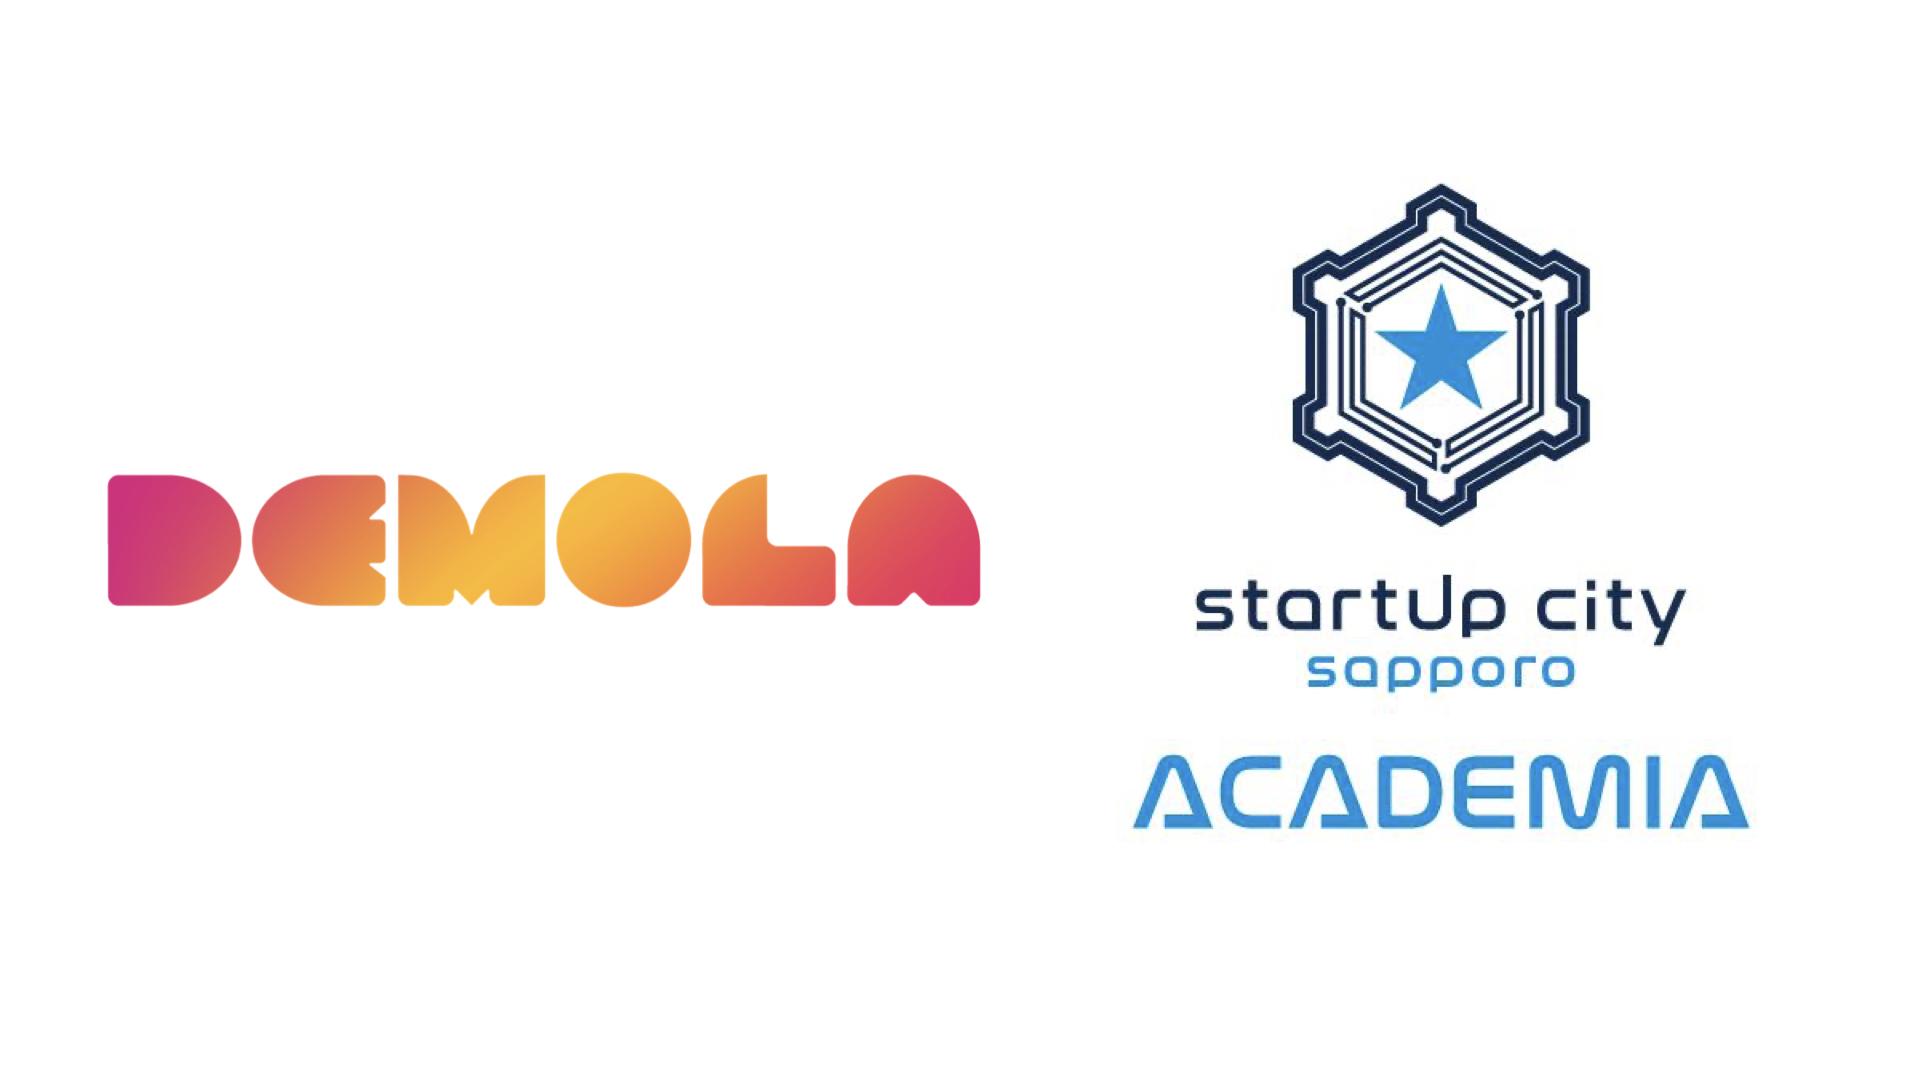 【大学生向け】DEMOLAとの連携プログラム開催のお知らせ